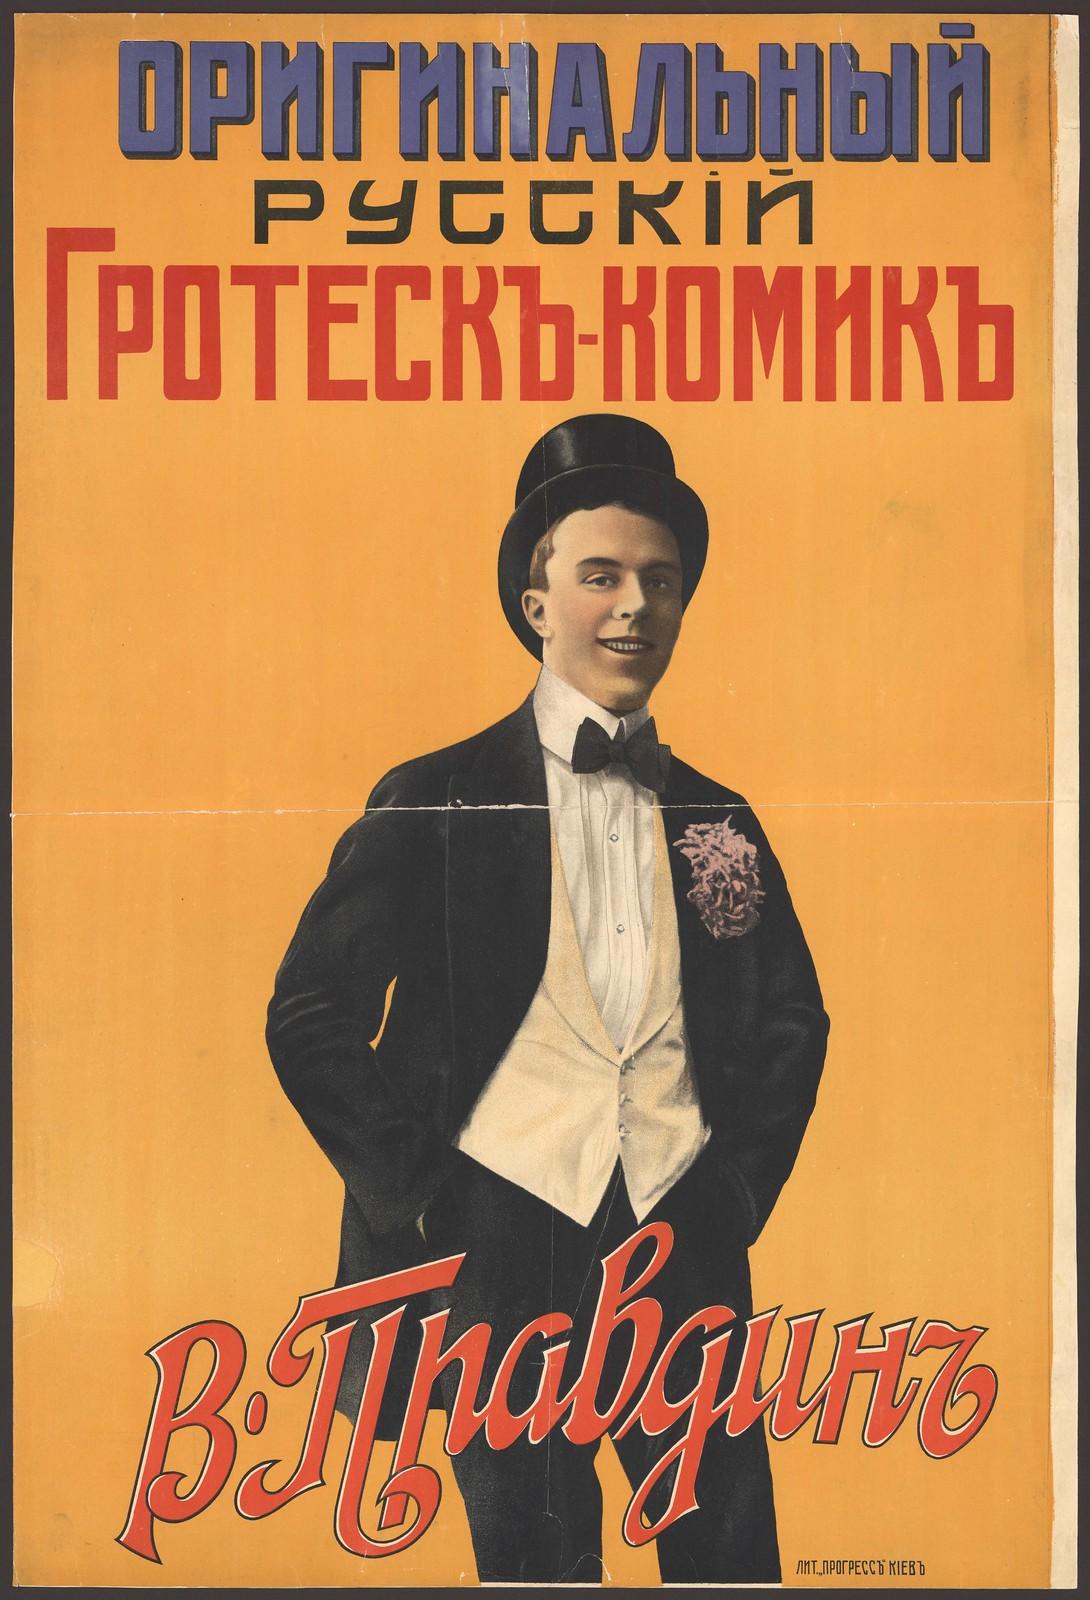 Оригинальный русский гротеск-комик В. Правдин